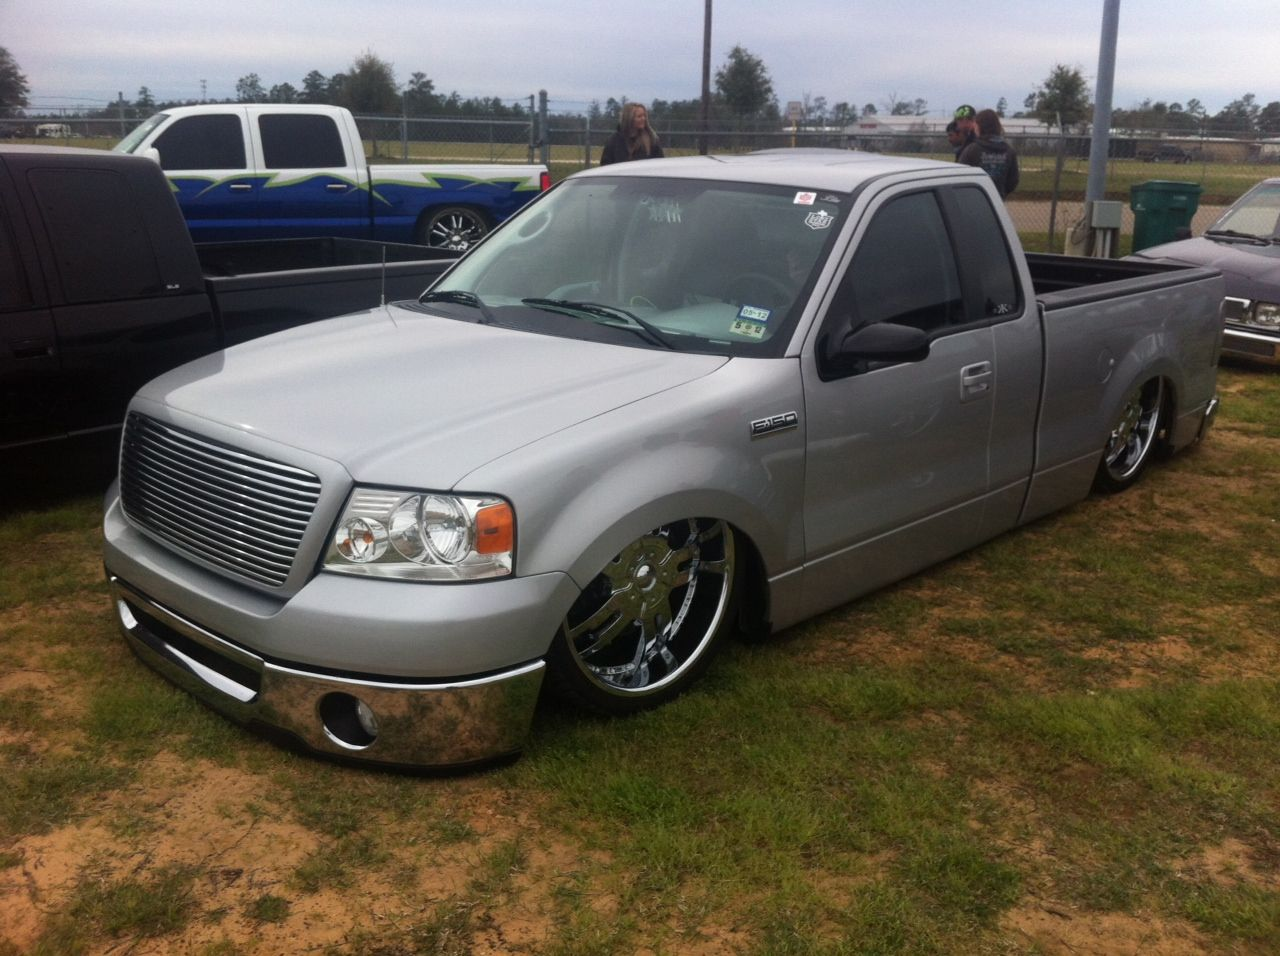 F-150 lowered | Lowered Trucks | Pinterest | Ford trucks ...  F-150 lowered |...